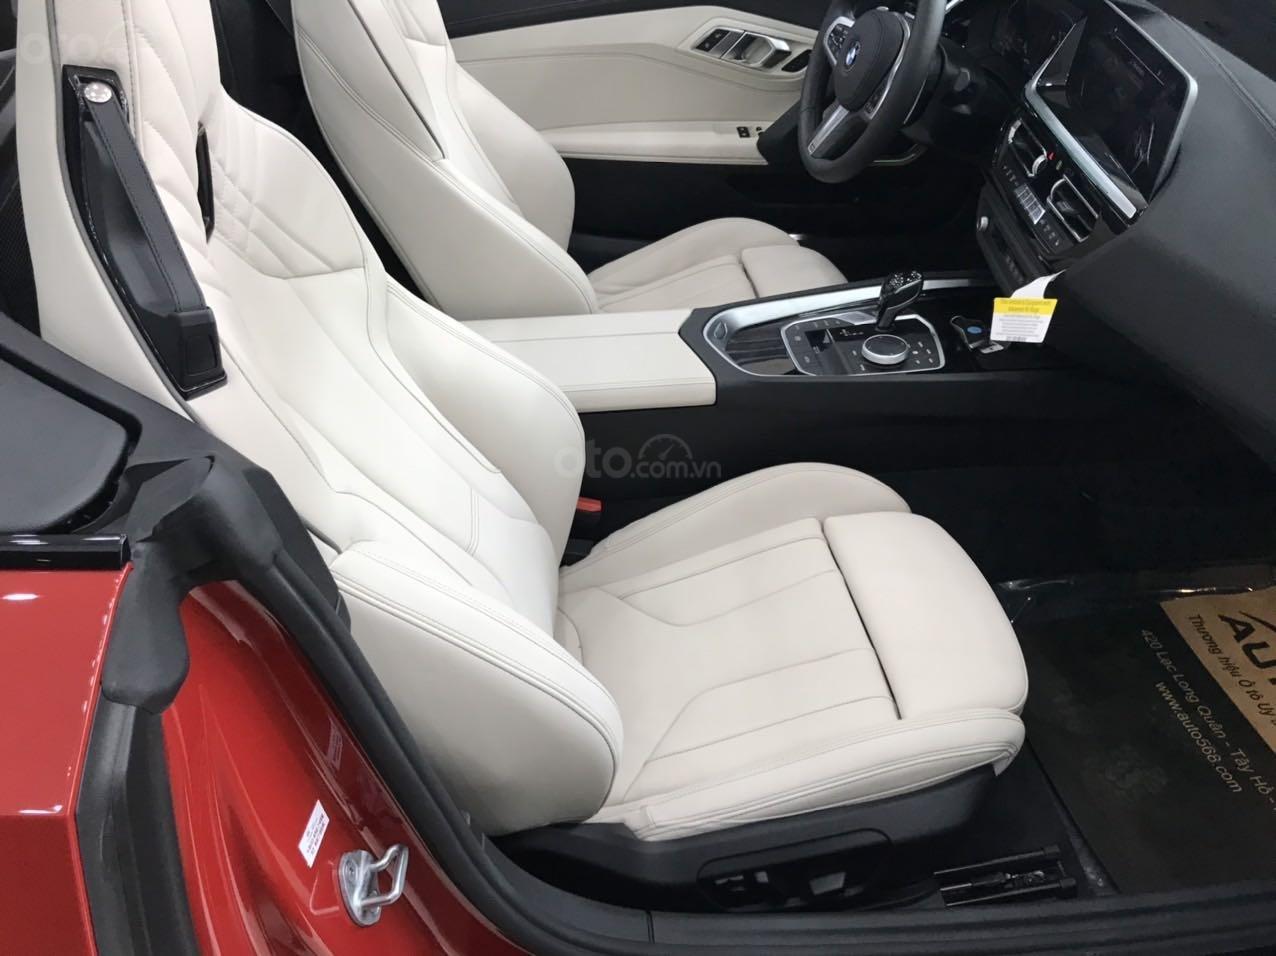 Xe BMW Z4 Sdrive đời 2020, màu đỏ nhập khẩu nguyên chiếc siêu lướt (9)